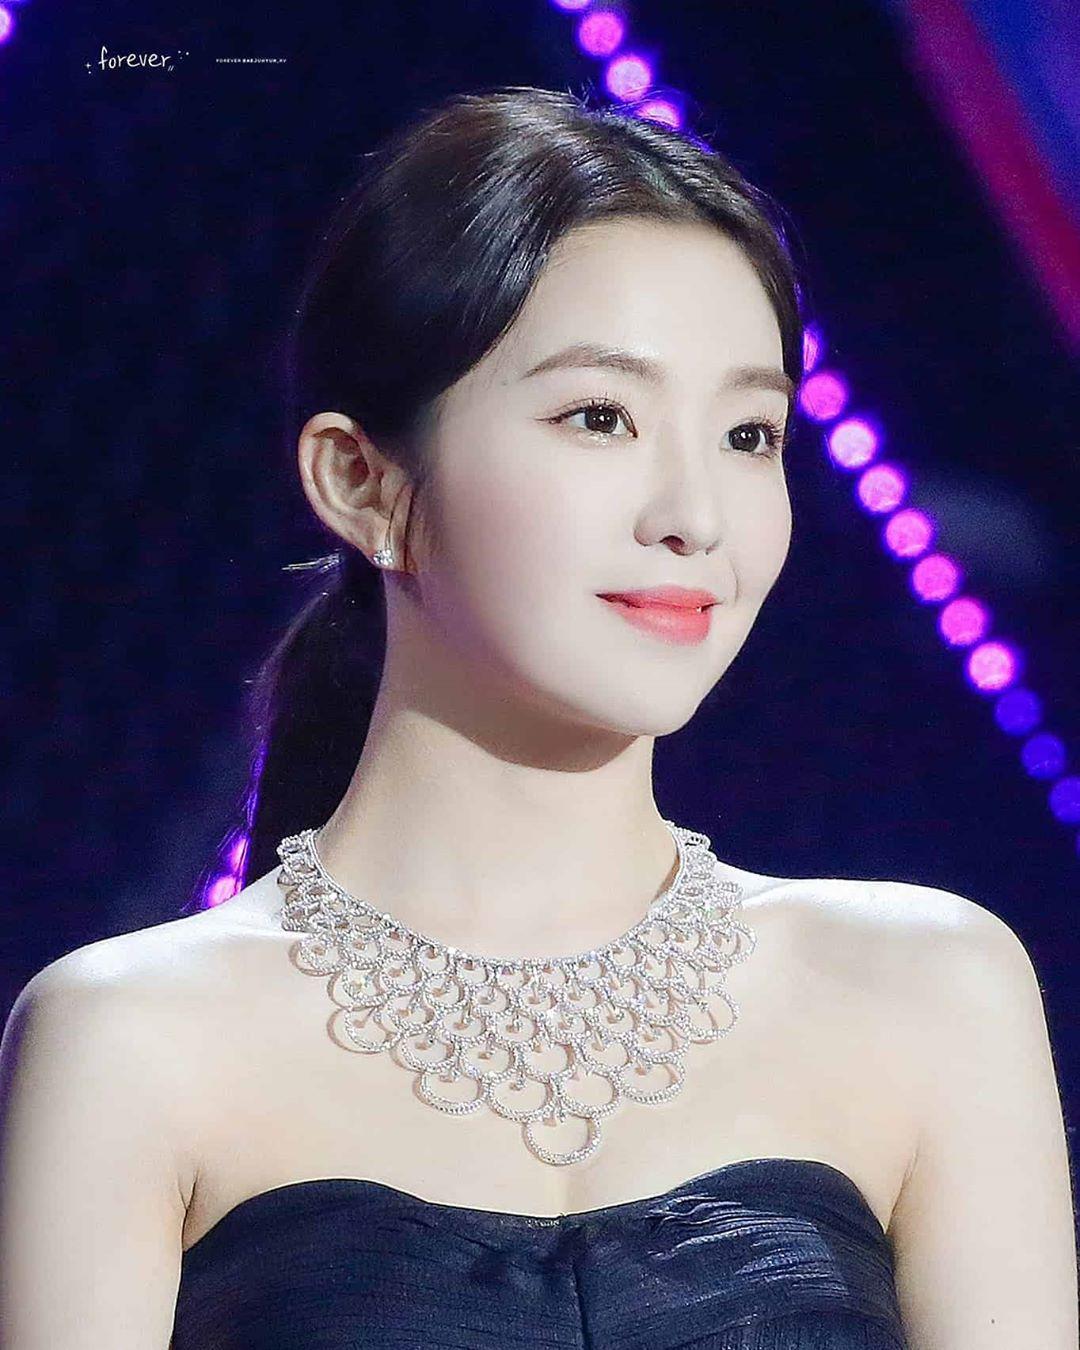 Mẫu phụ kiện Joy đeo thậm chí còn đắt hơn cả chiếc vòng cổ kim cương từng làm mưa làm gió cộng đồng mạng mà người chị em cùng nhóm Irene diện trong lễ hội âm nhạc cuối năm 2019.